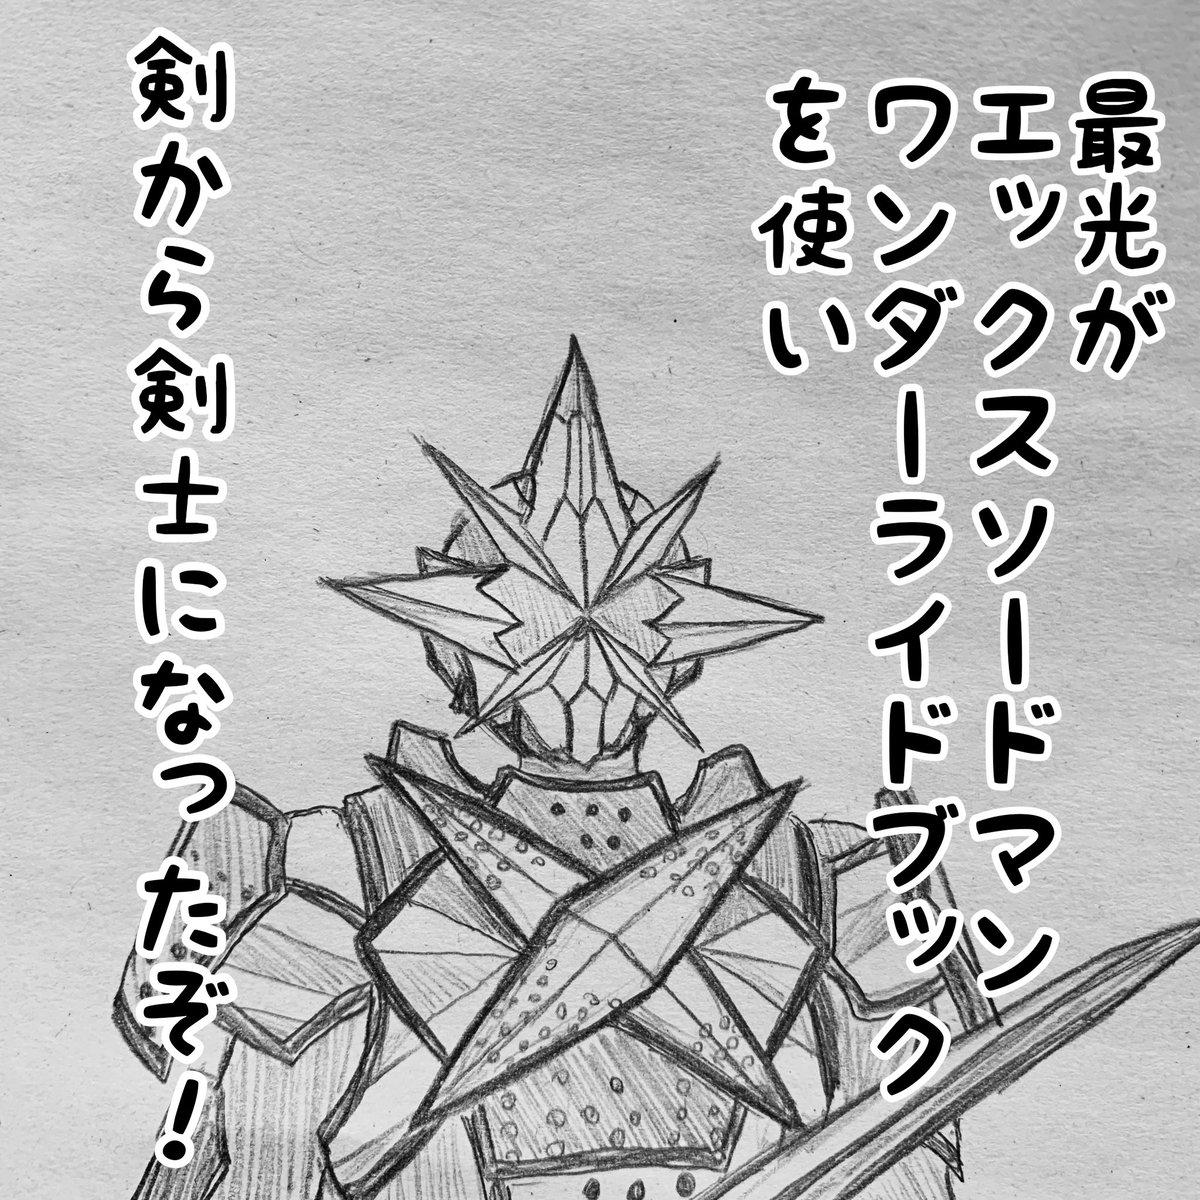 ソードマン 光 ライダー エックス 仮面 最